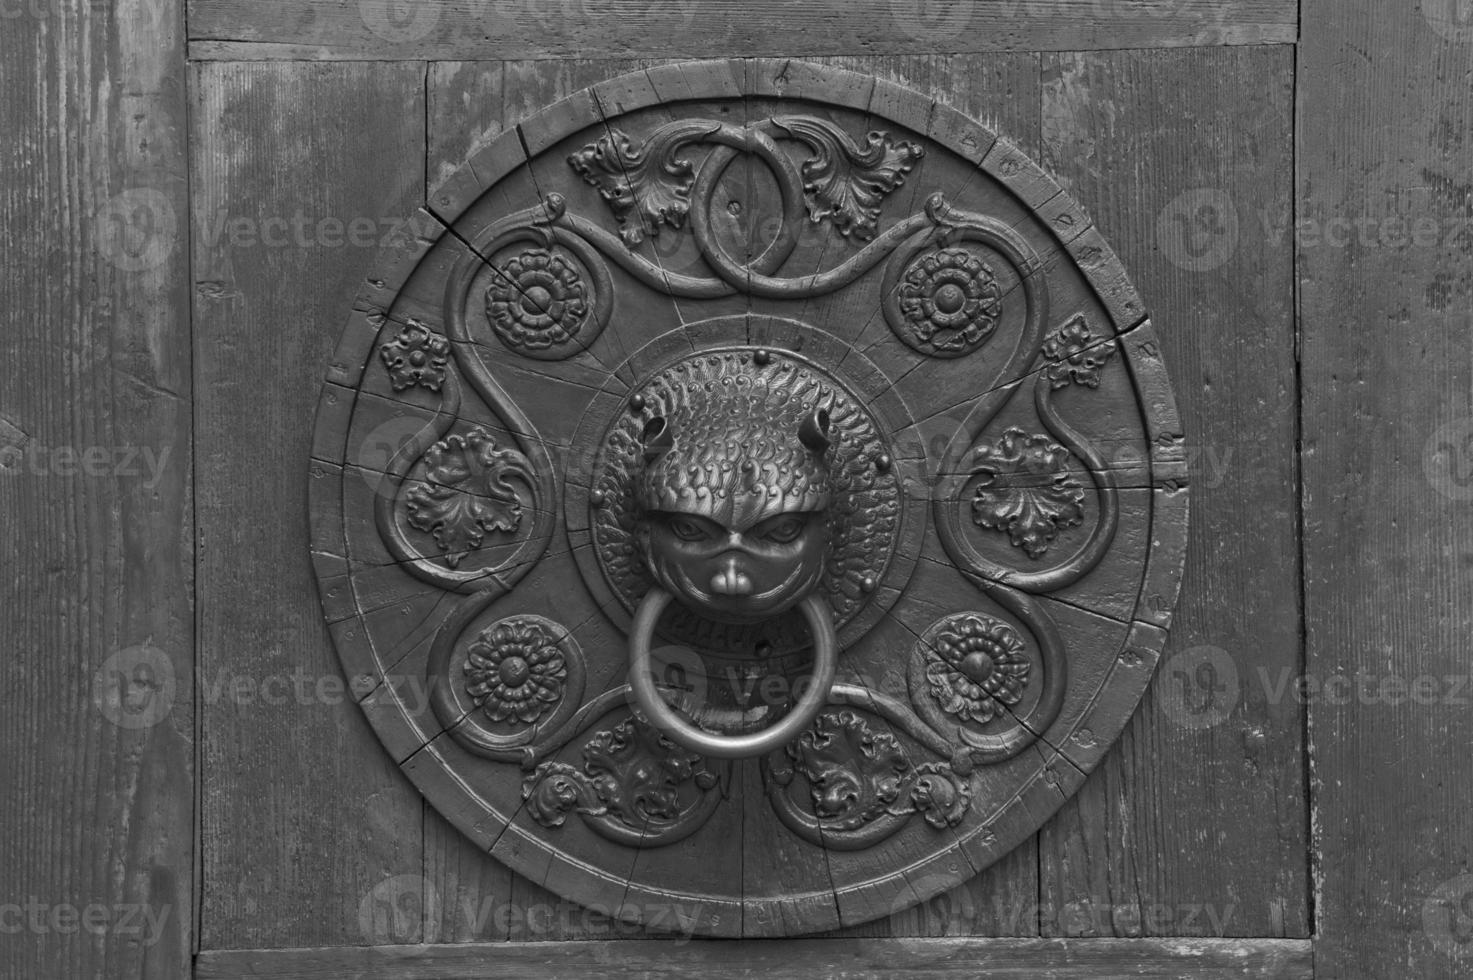 rostiger antiker Türklopfer des Schmutzes, Hintergrund foto